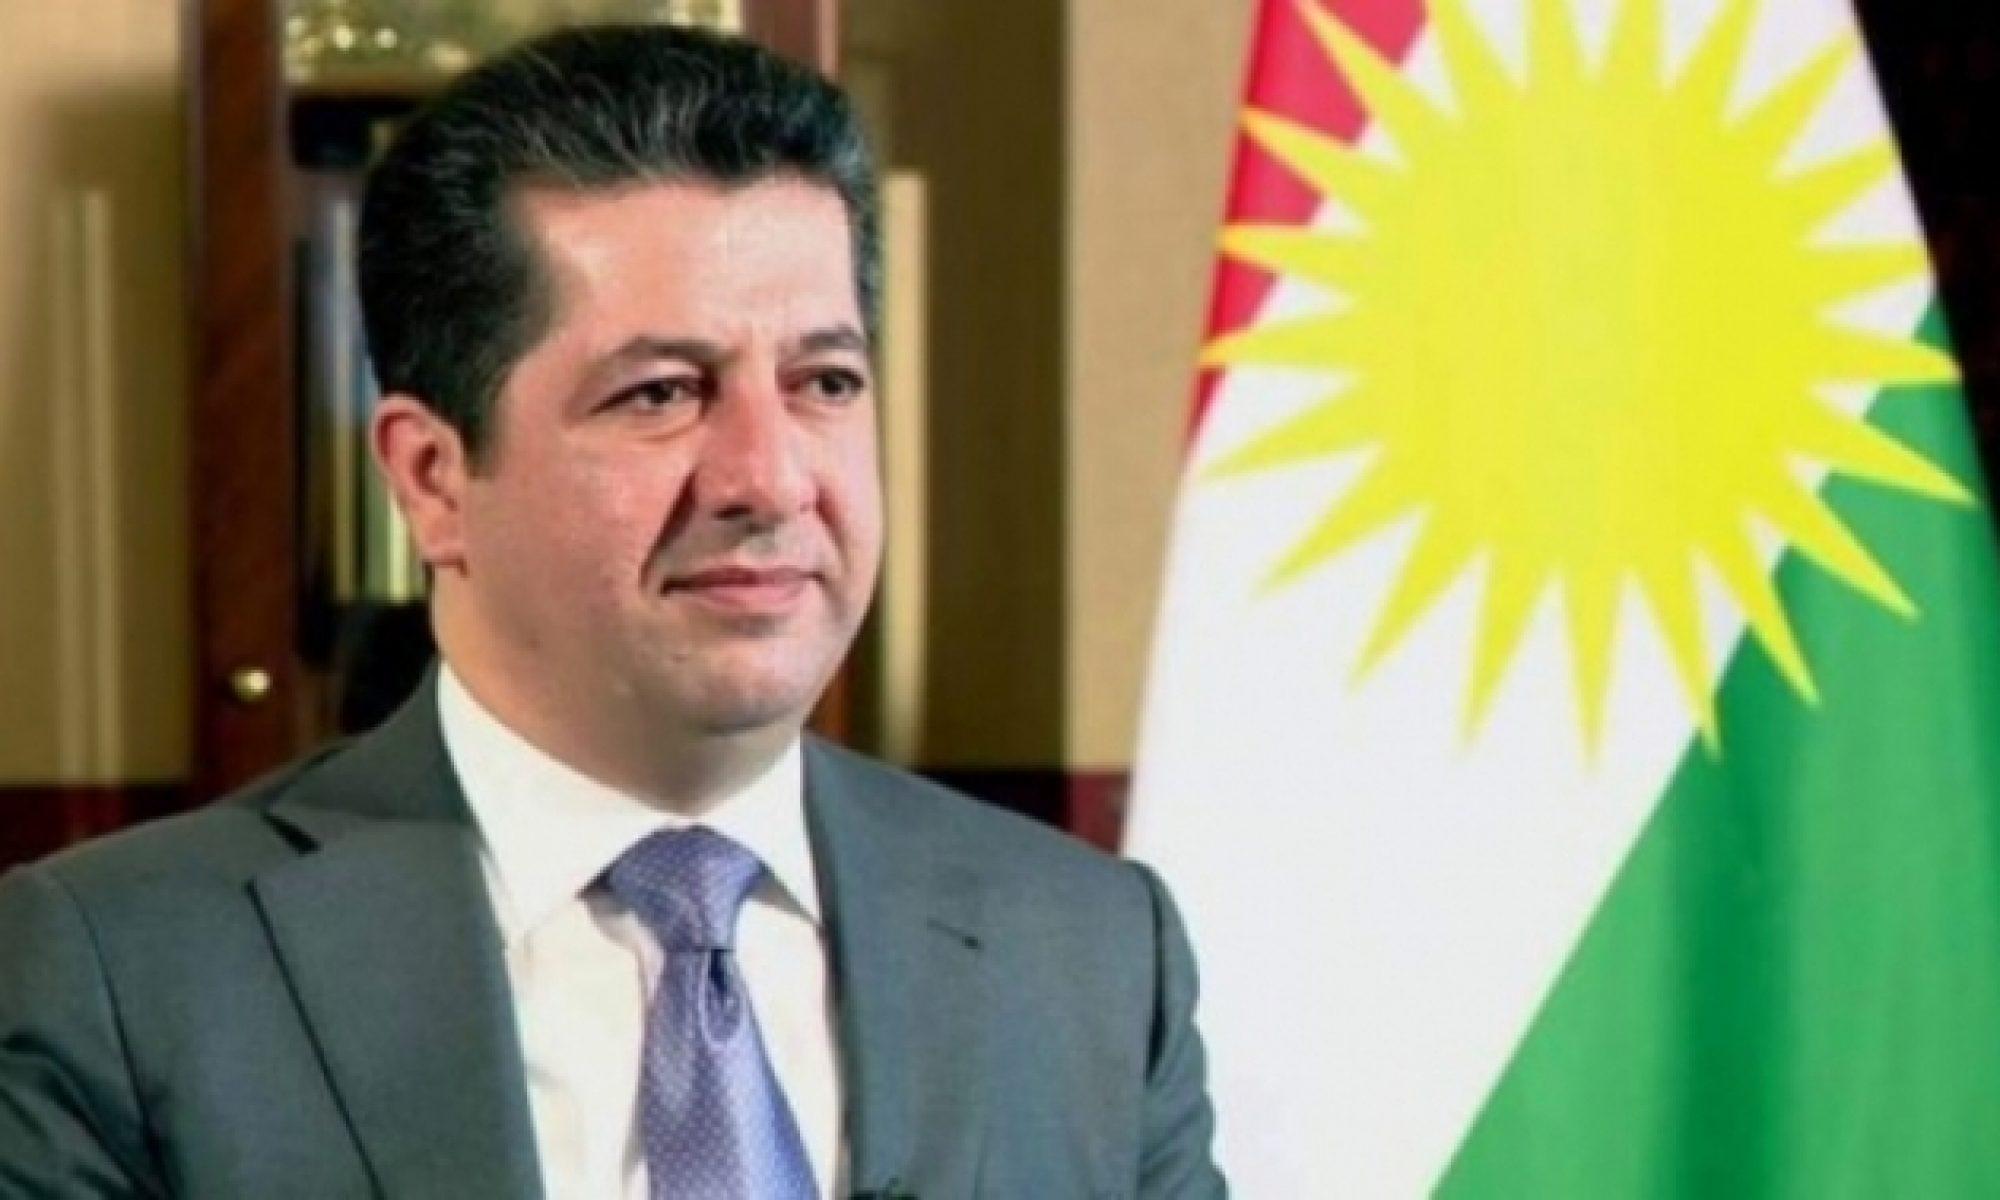 Mesrur Barzani: PDK'li olarak değil Kürdistan halkının hizmetkarı olarak hükümette yer alıyorum